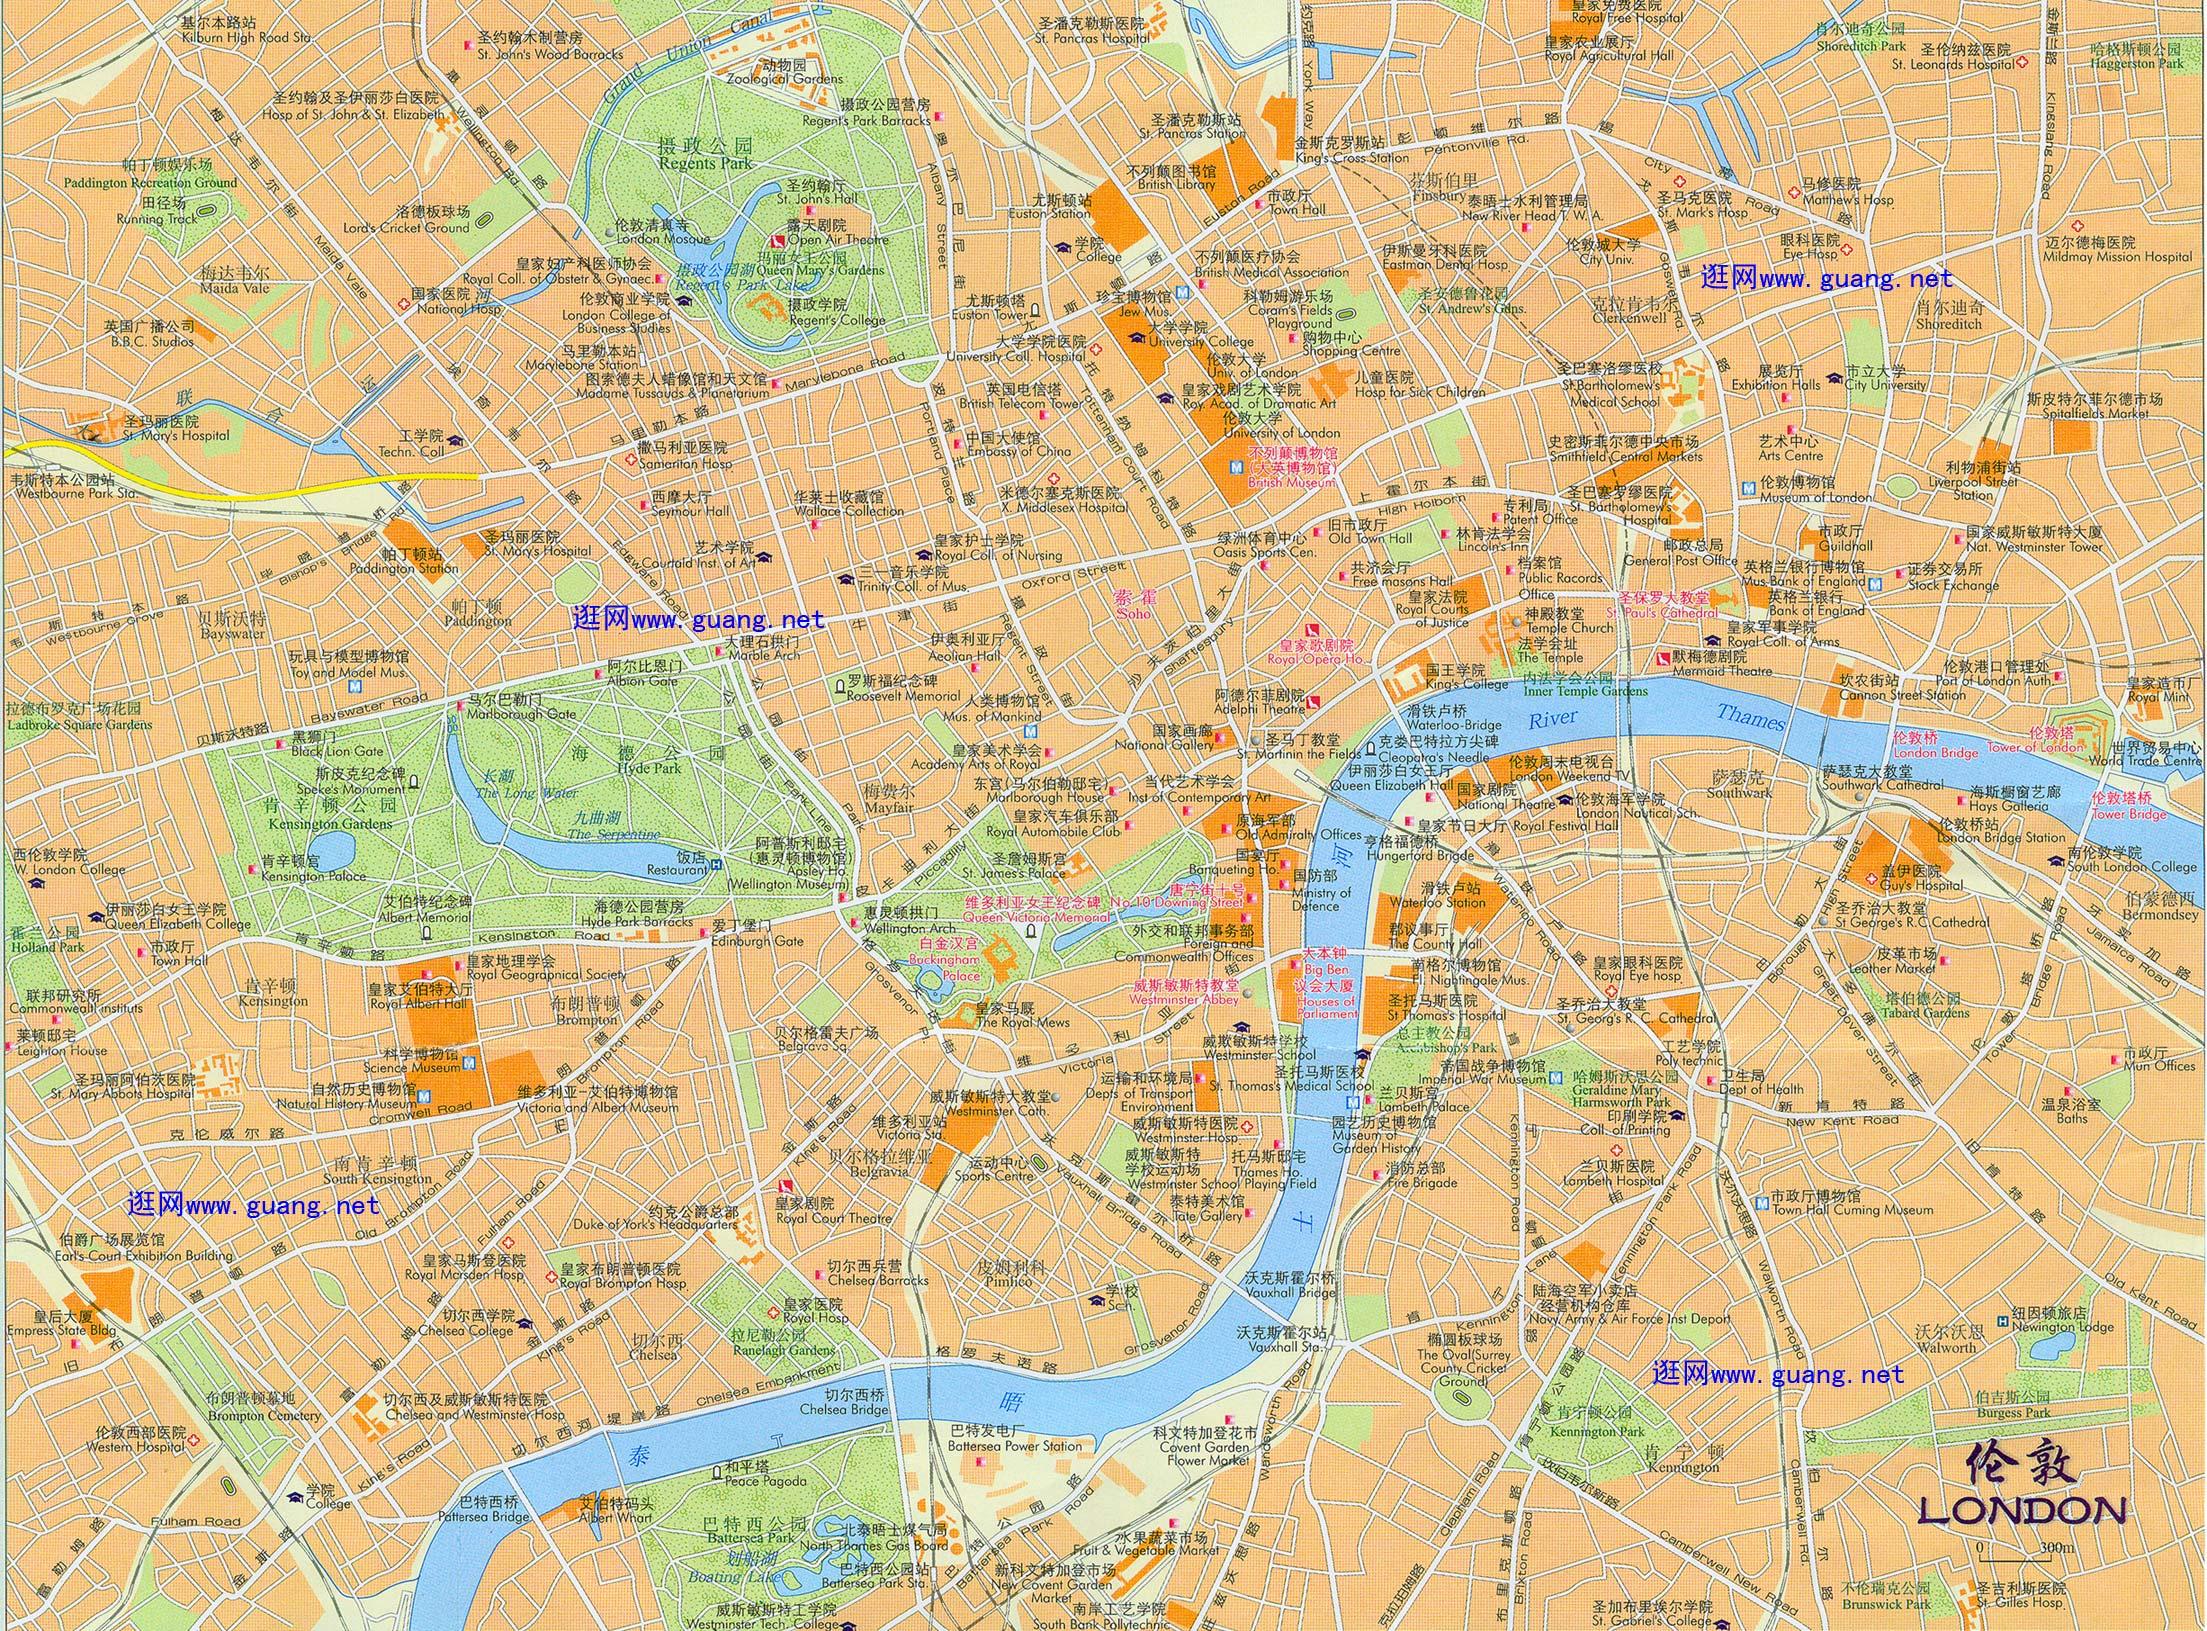 英国伦敦市区地图中文版图片